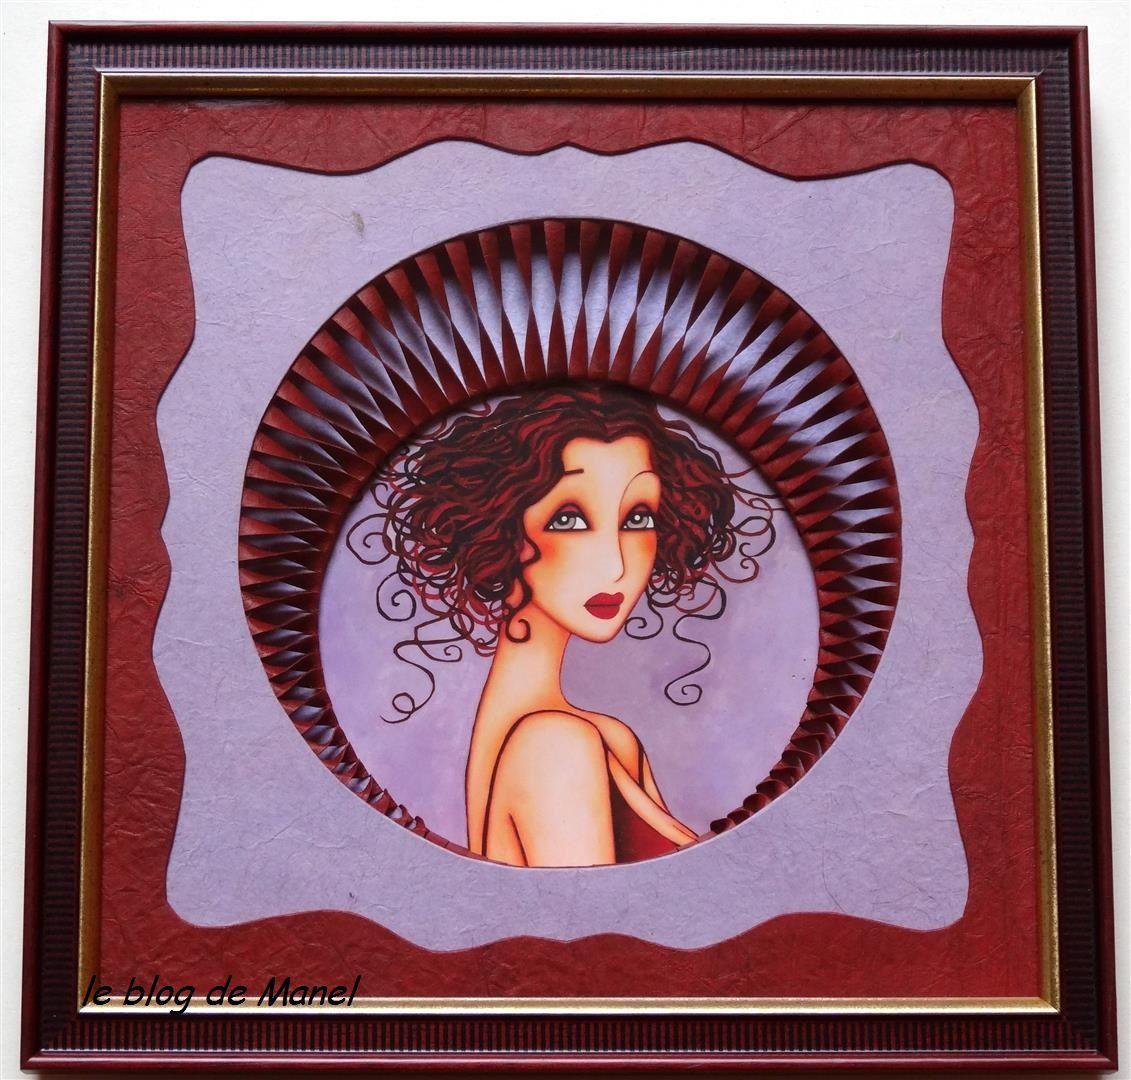 - Cercles décalés - le tourbillon - les écailles - Hexagone ruban- Ellipse en spirale- PP art nouveau- Drapé croisé en ammande